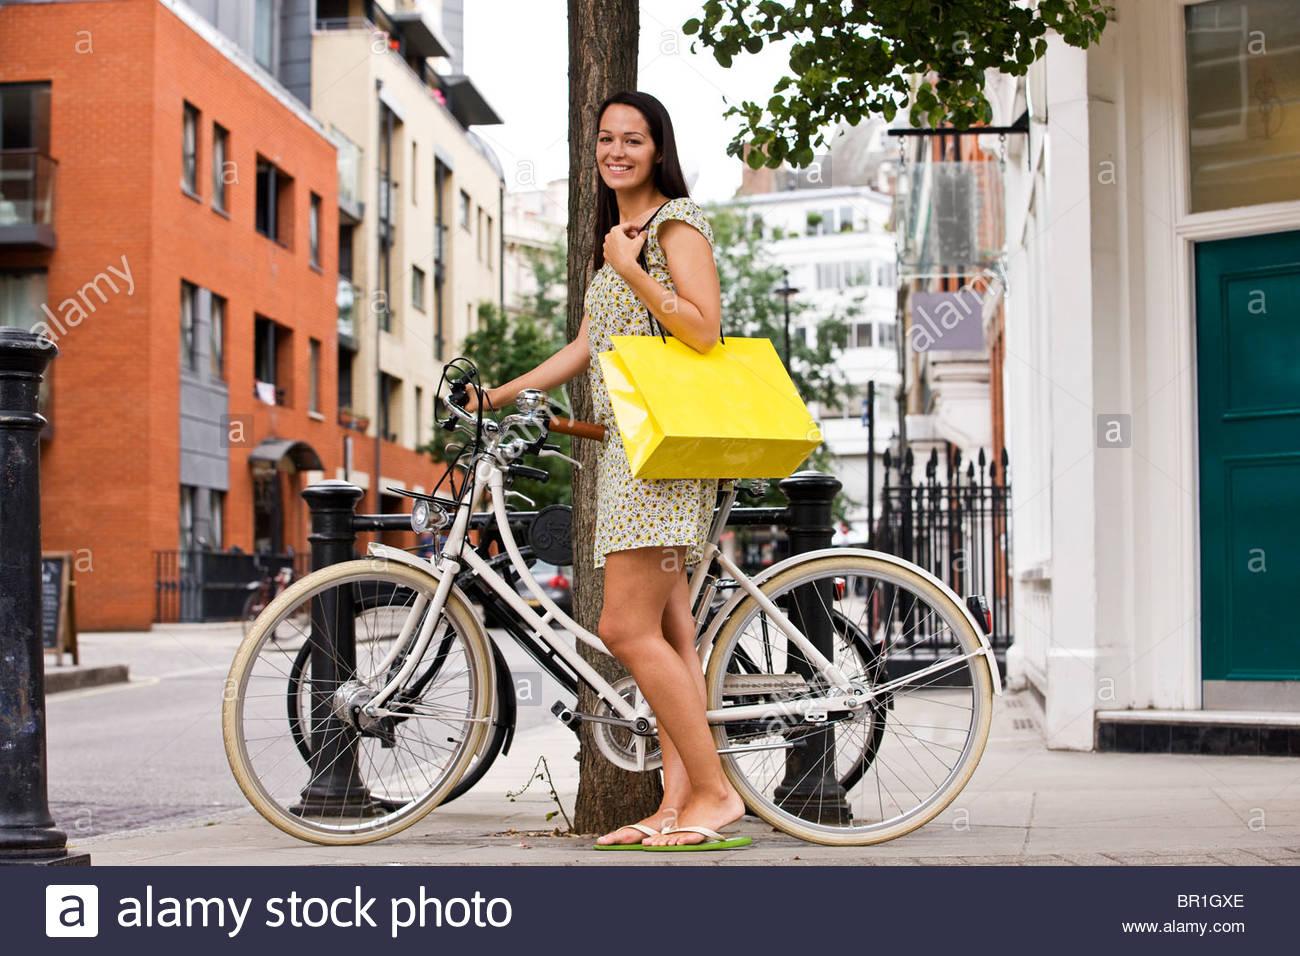 Eine junge Frau neben ihr Fahrrad steht, eine Einkaufstasche tragen Stockbild